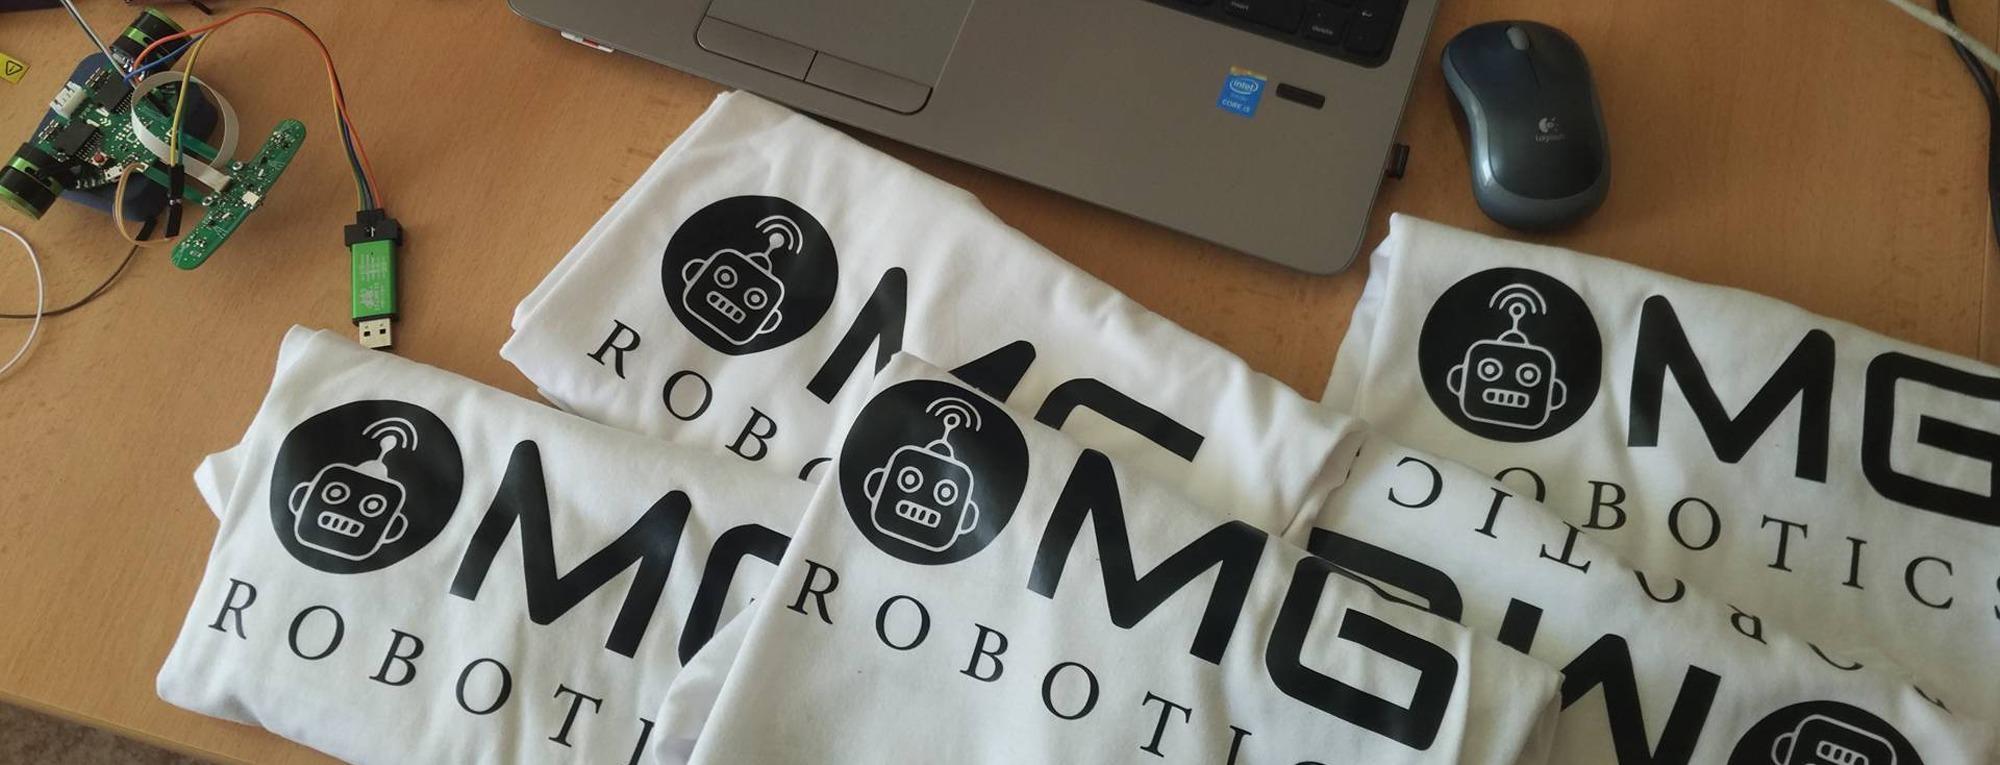 OMG ROBOTICS